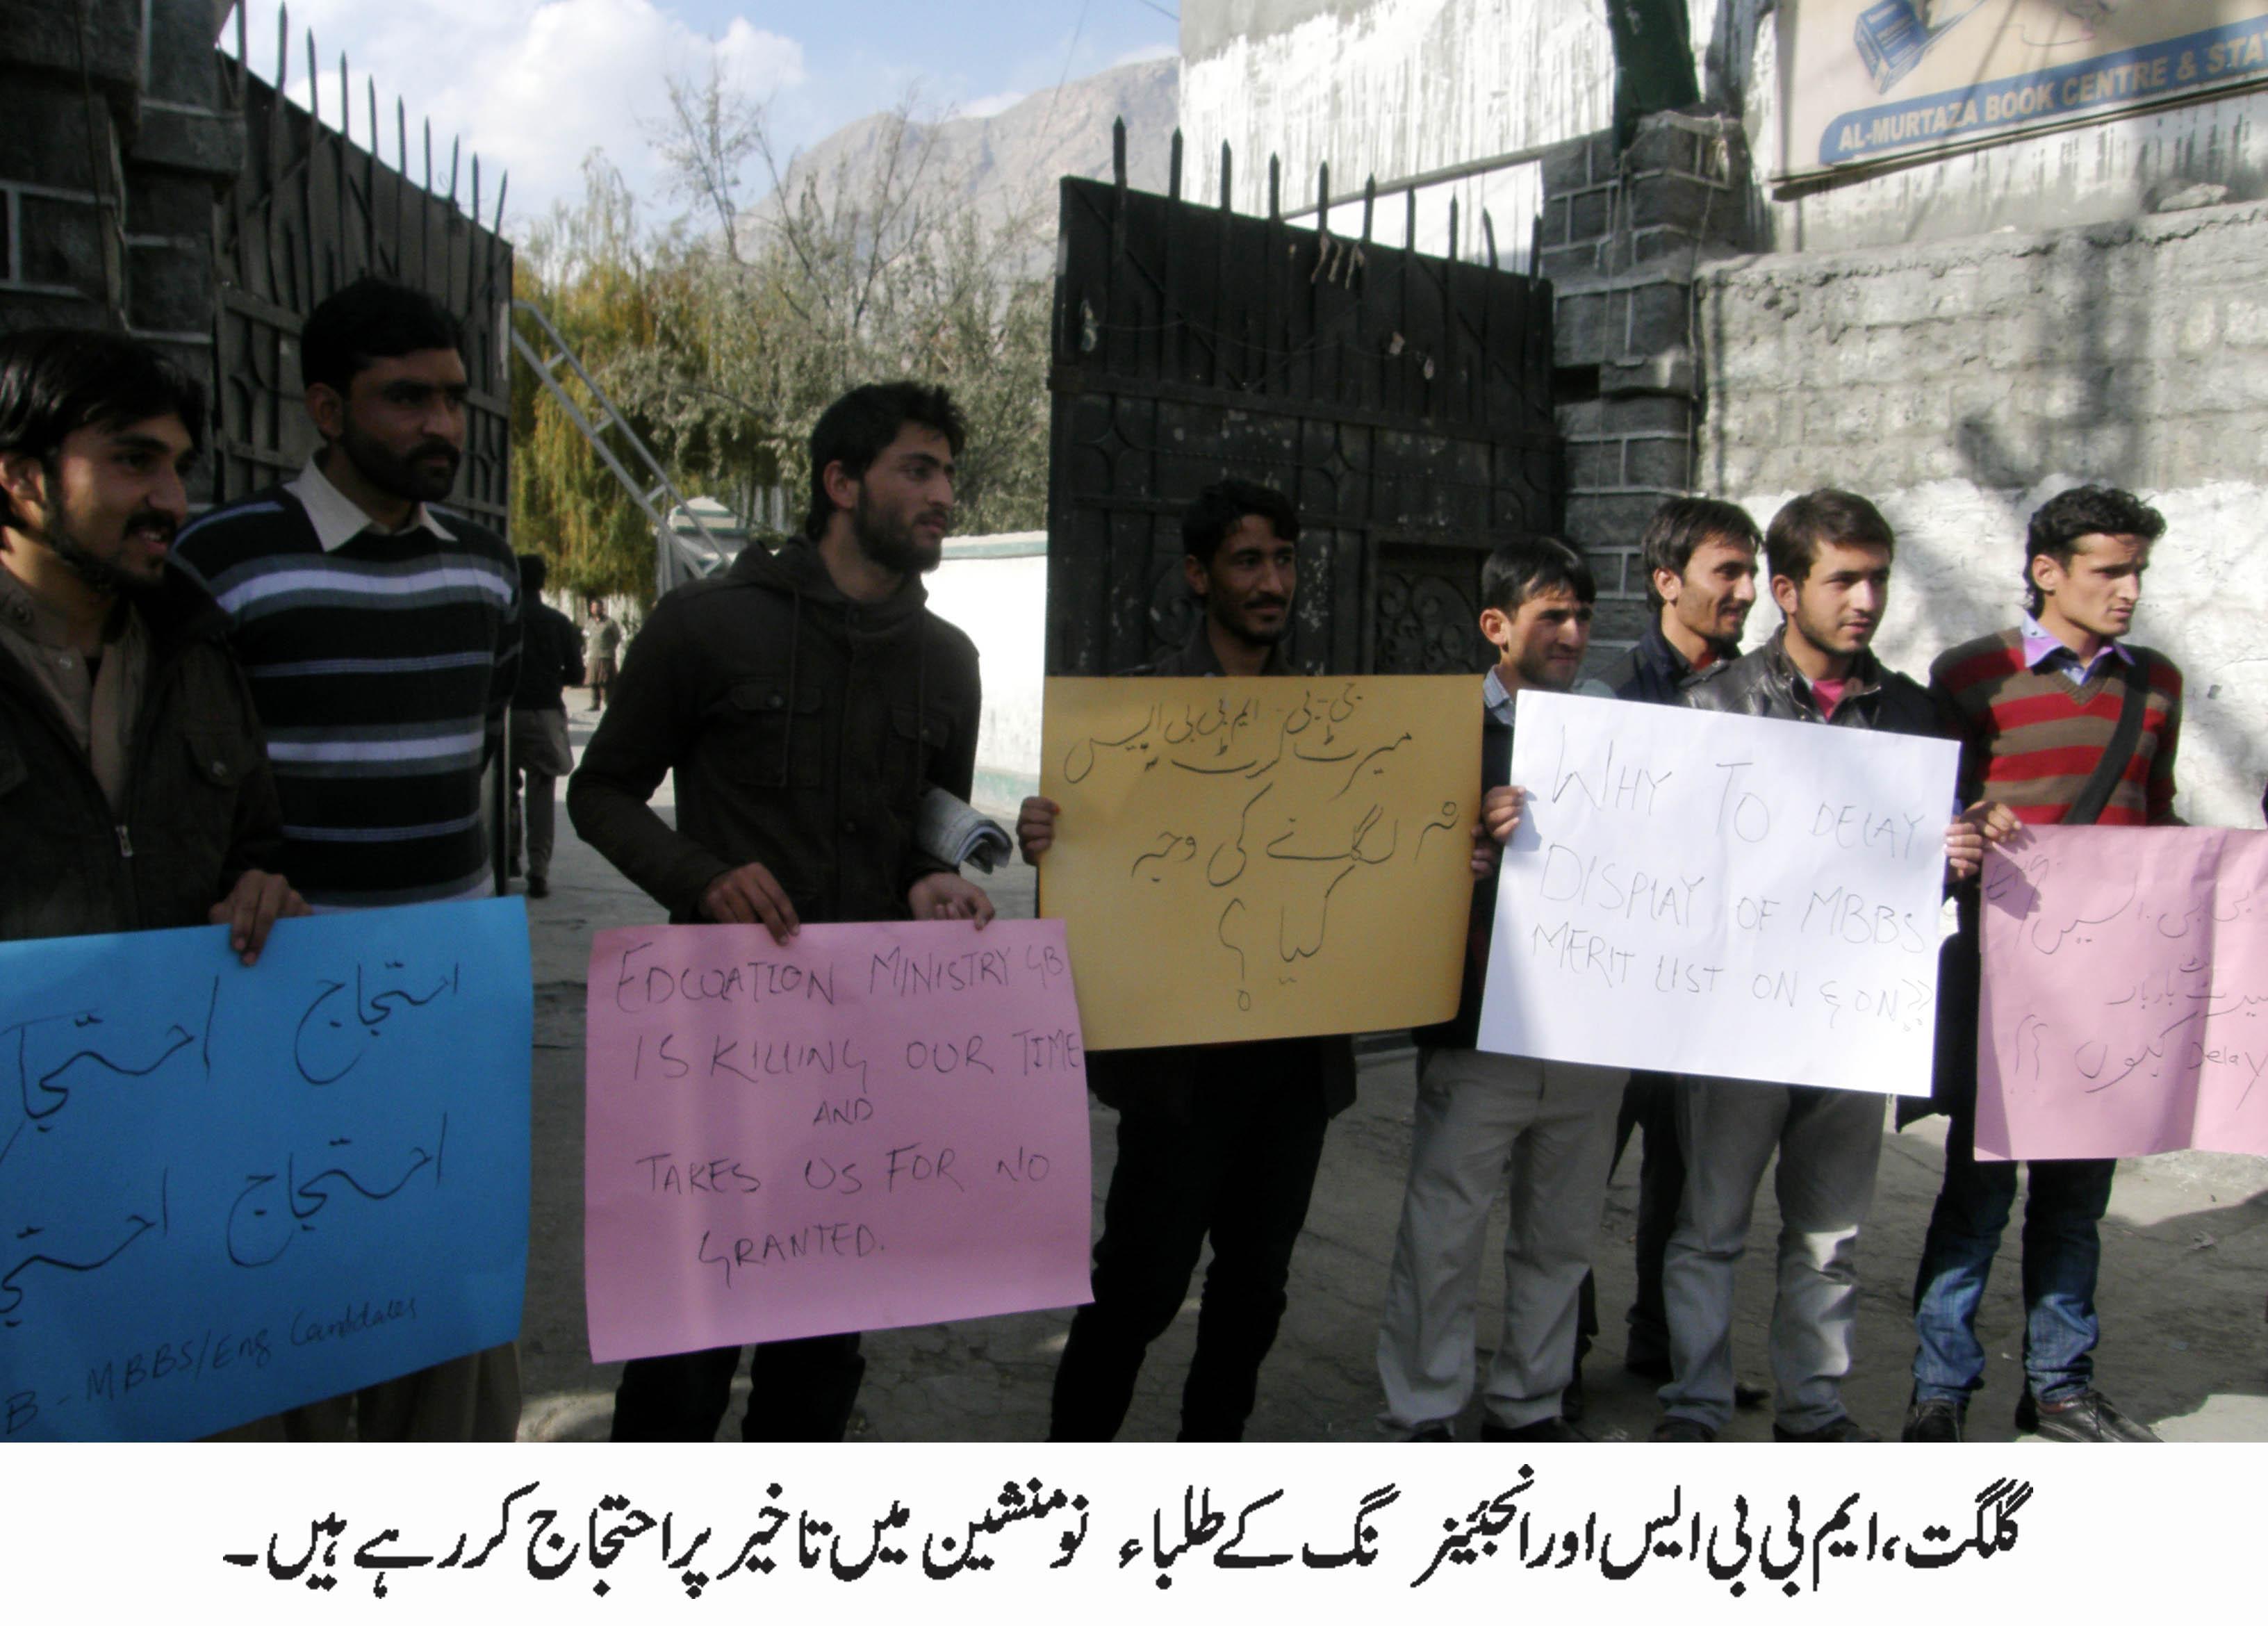 گلگت، طلبا کا محکمہ تعلیم کے خلاف احتجاجی مظاہرہ